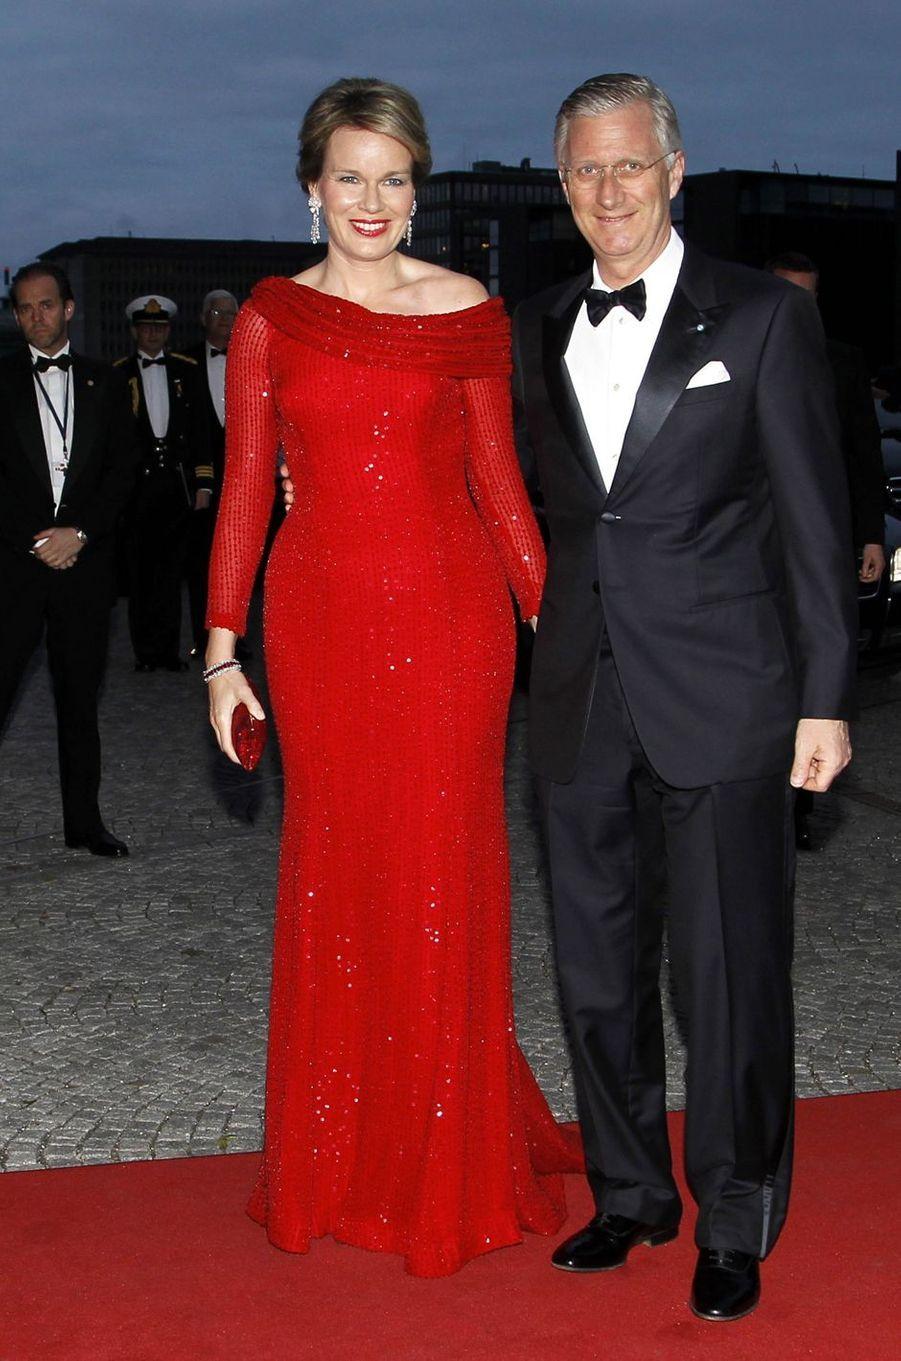 La reine Mathilde et le roi Philippe de Belgique à Copenhague, le 29 mars 2017